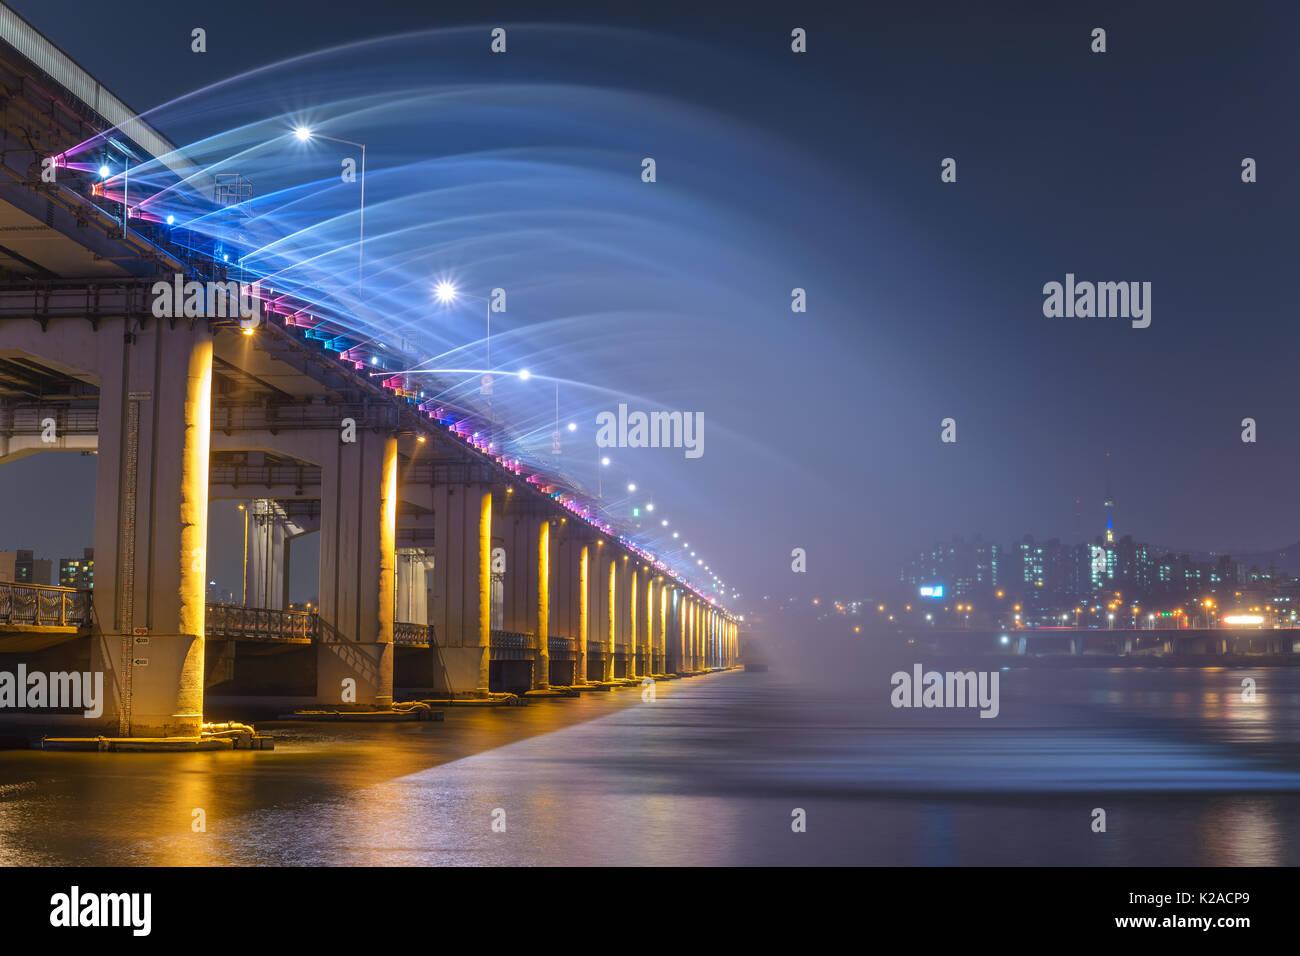 El horizonte de la ciudad de Seúl y fuente en Banpo Bridge, Seúl, Corea del Sur Imagen De Stock